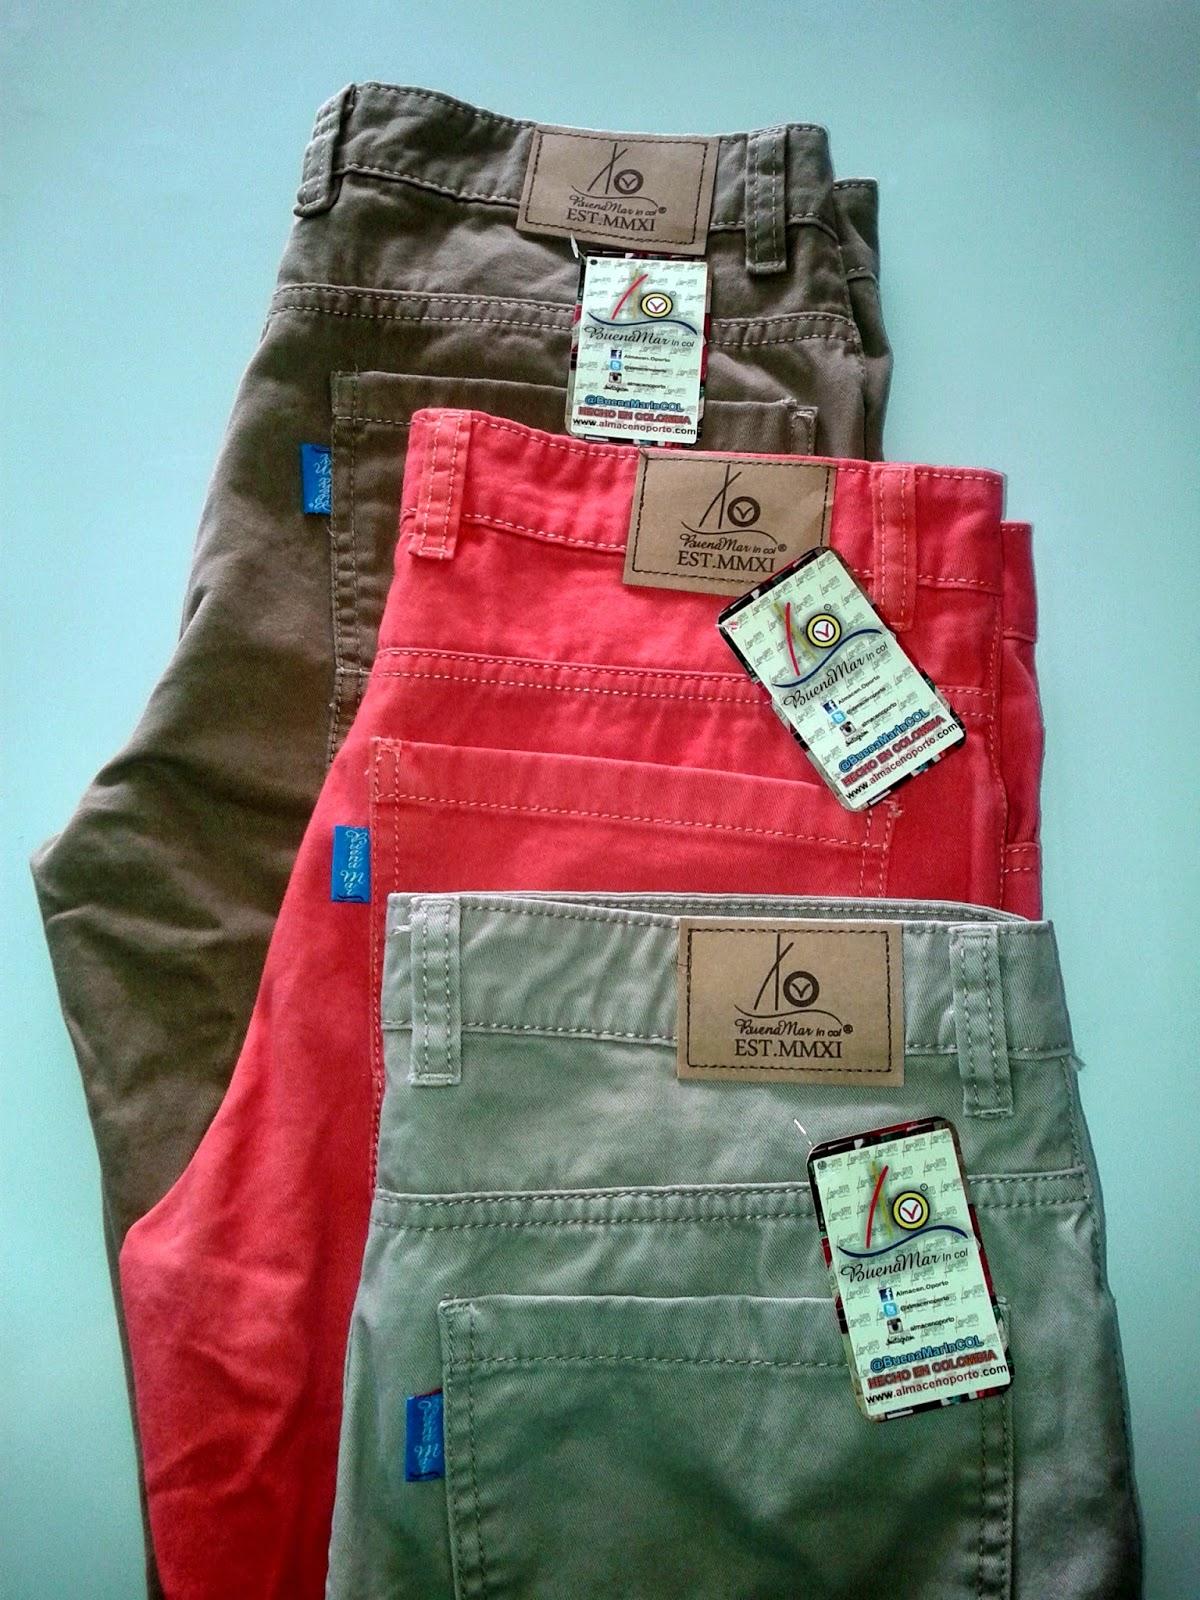 imagenes de almacenes de ropa - imagenes de ropa | Almacenes Bomba